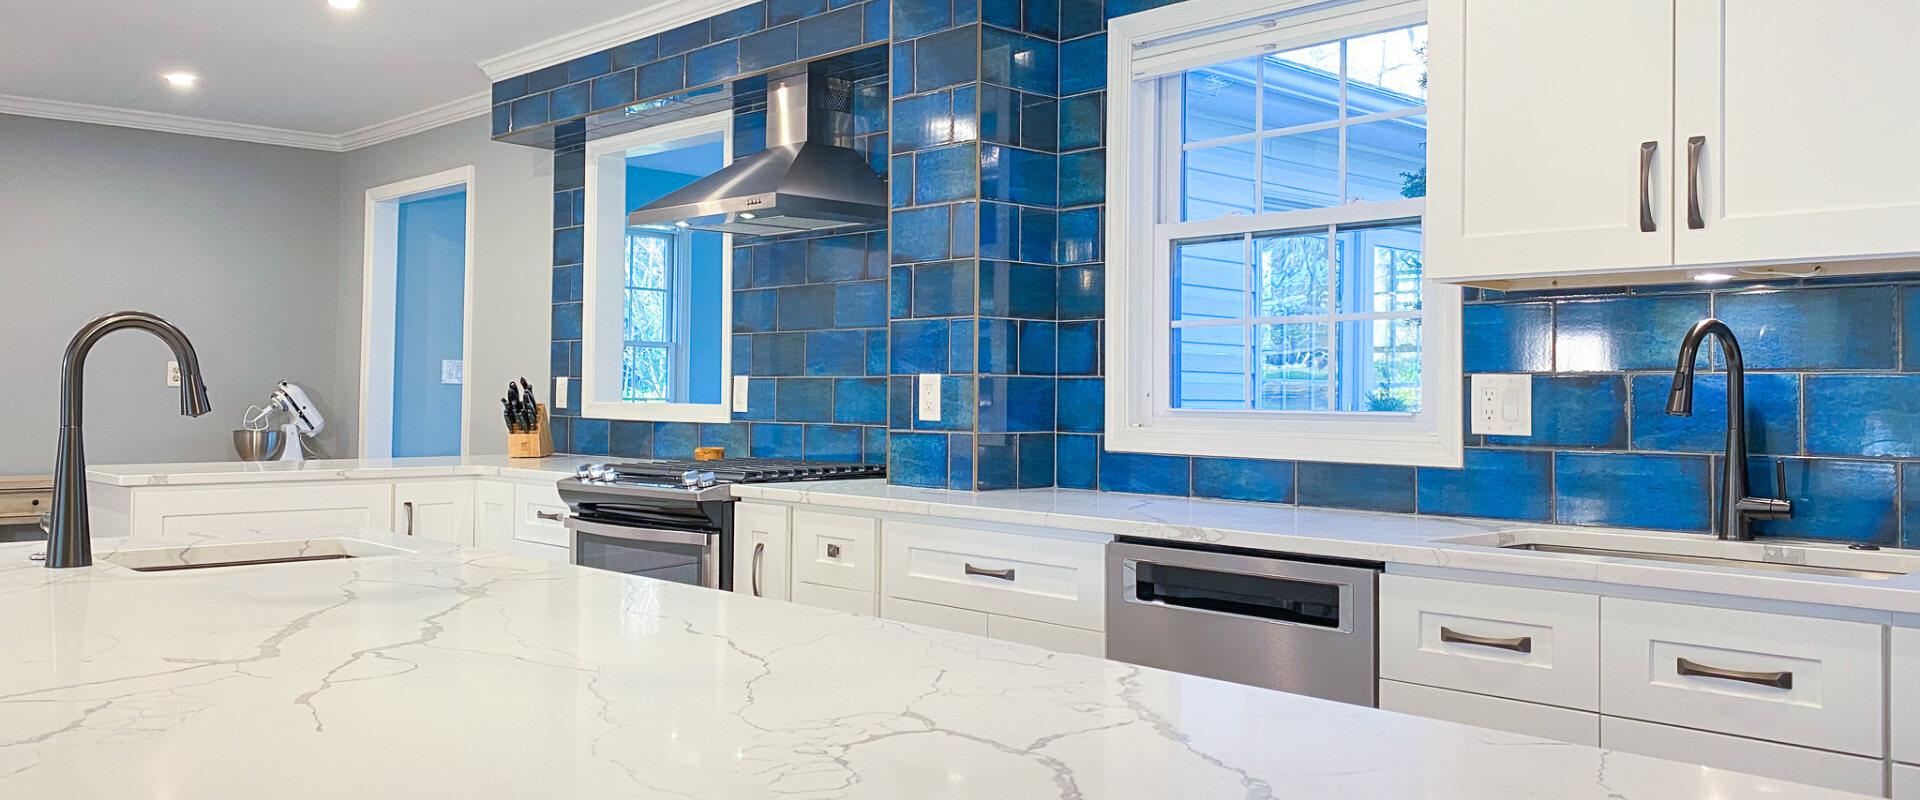 Kitchen Remodeling in Reston, VA